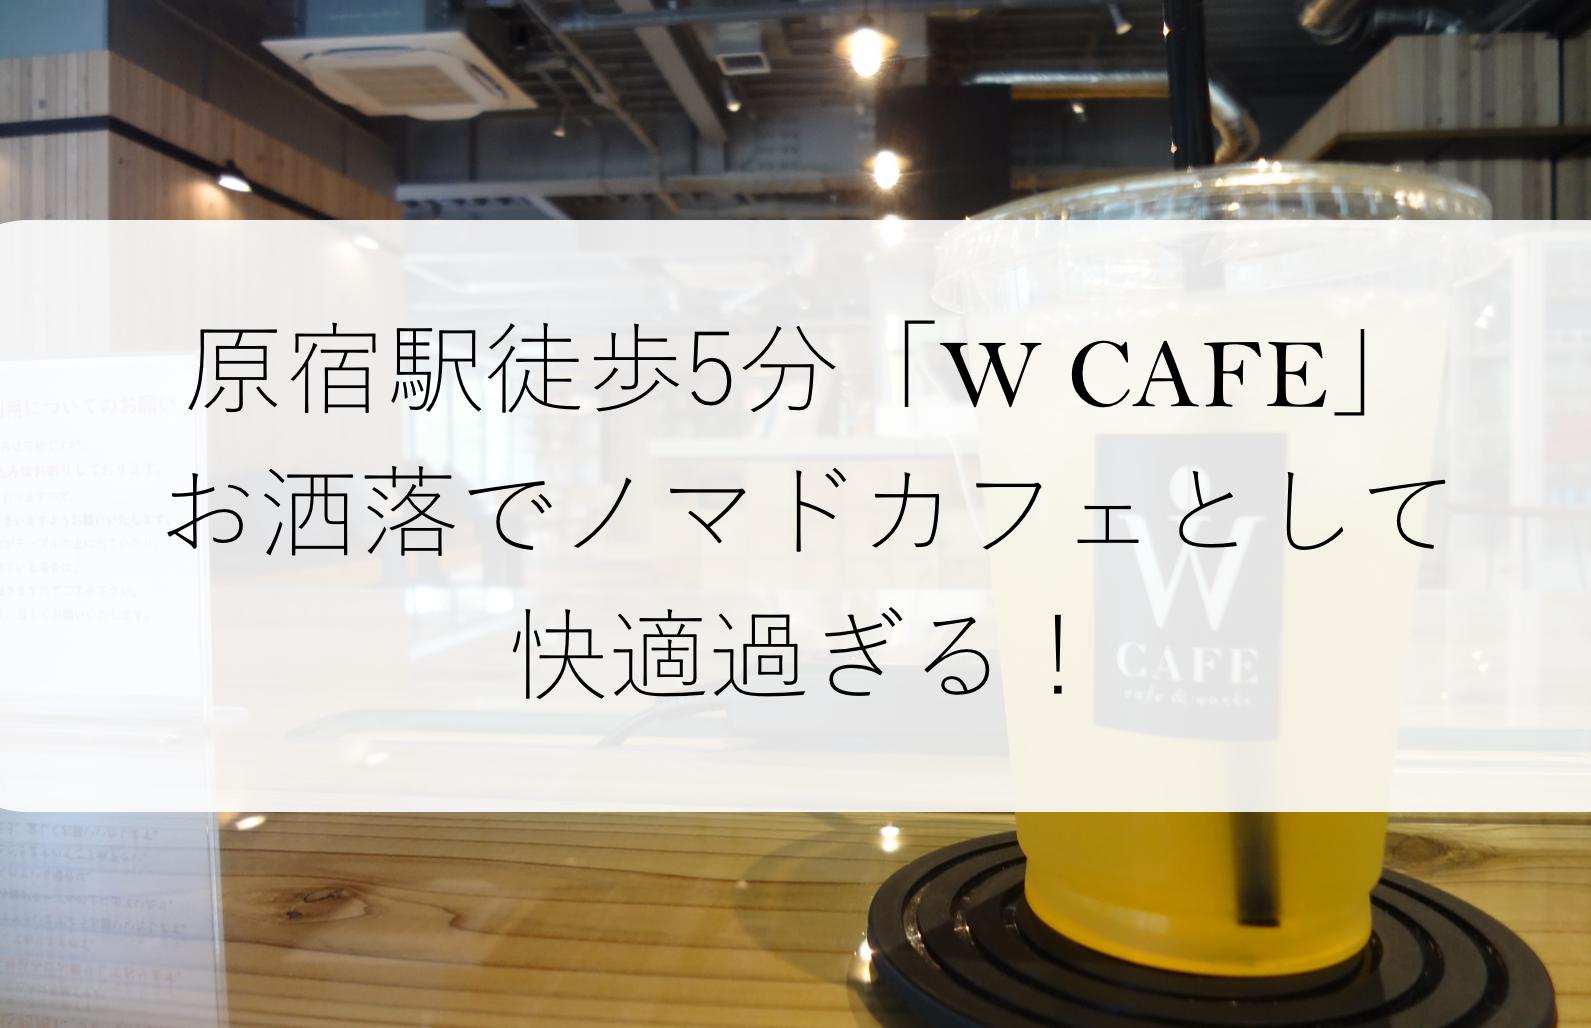 原宿駅徒歩5分「W CAFE」は電源Wi-fi完備!お洒落でノマドカフェとして快適過ぎる!